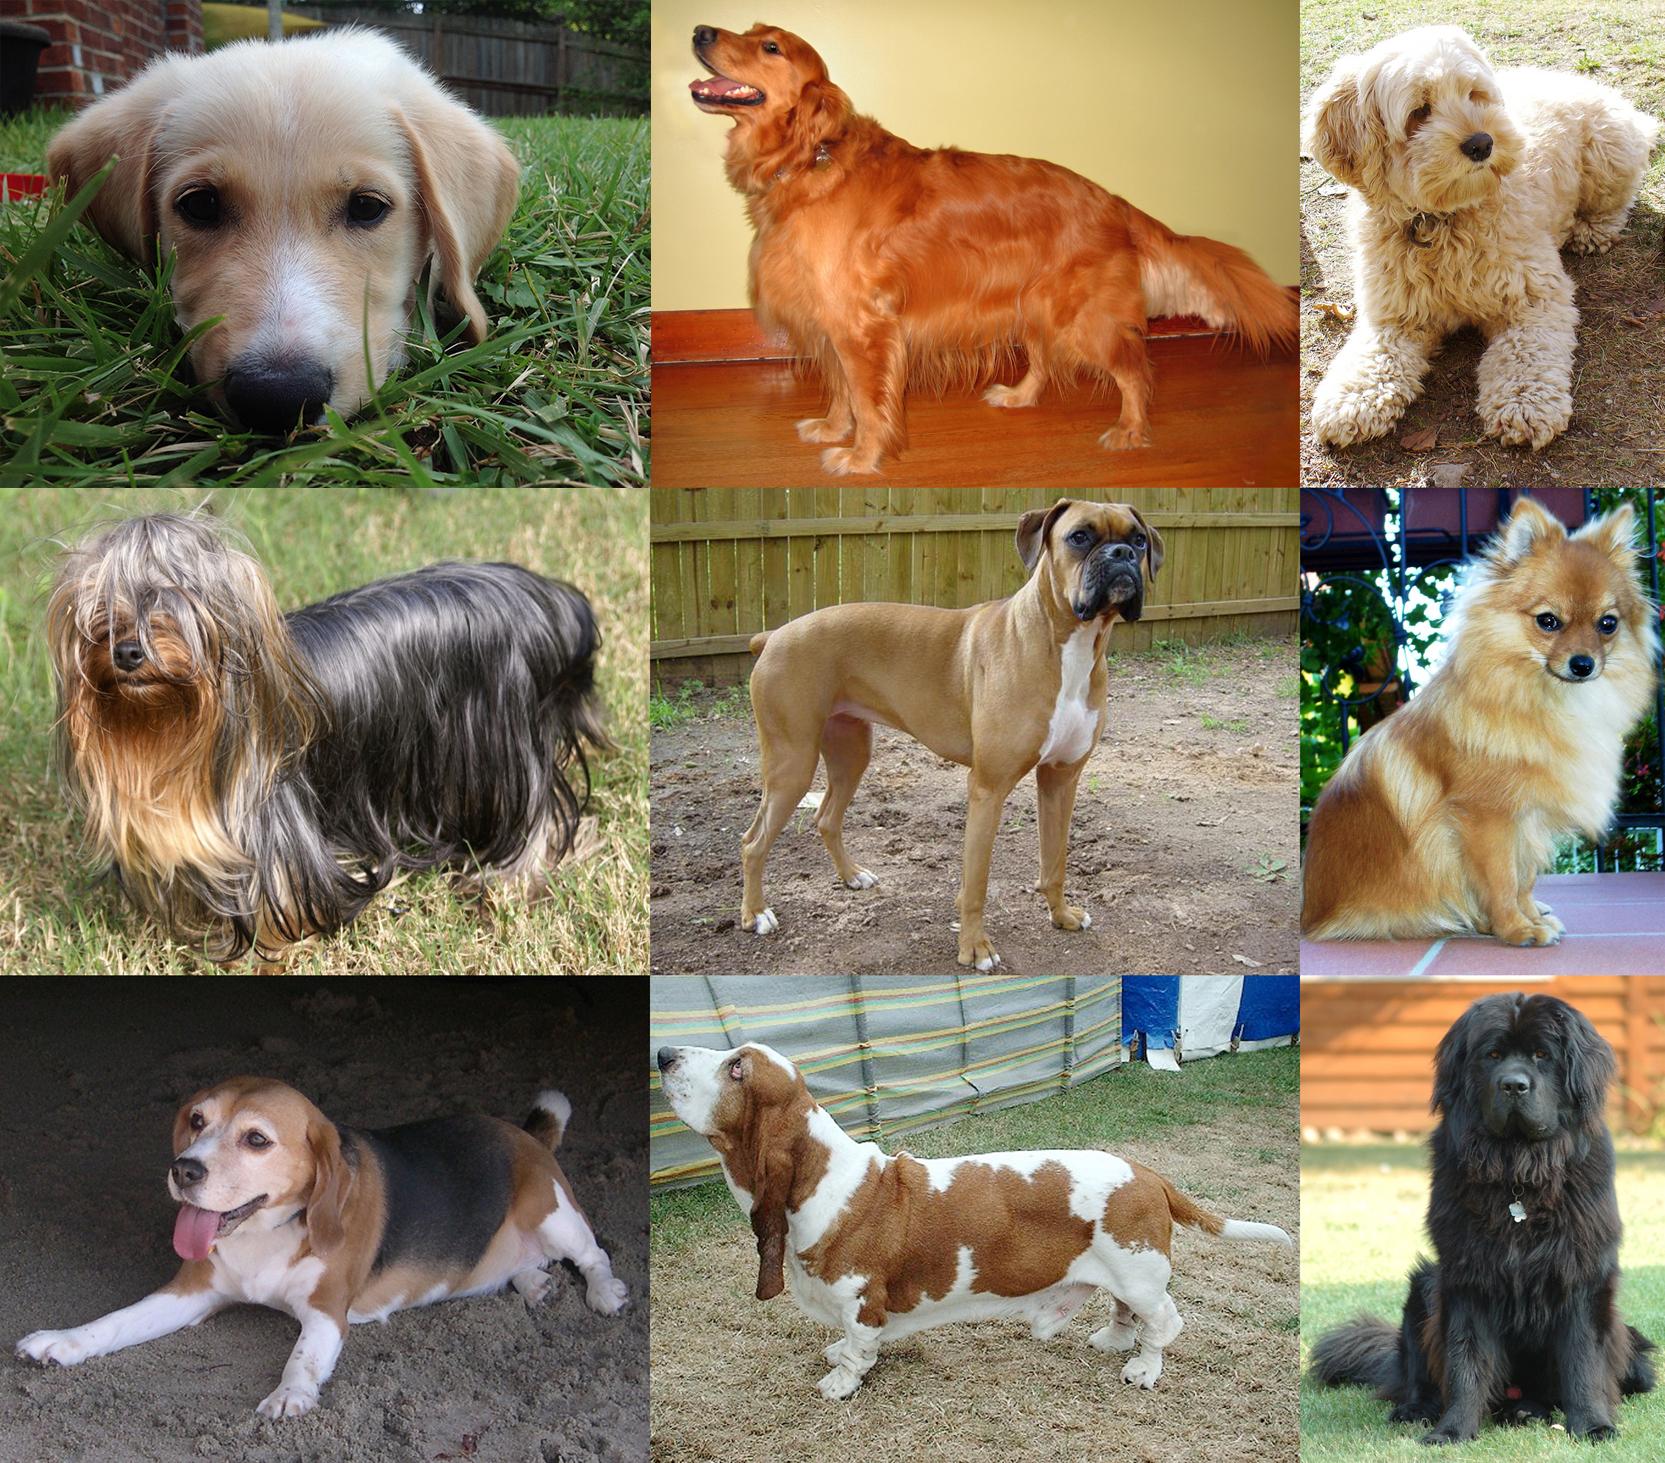 Лучшие питомники для собак воронежа в 2020 году, их особенности и недостатки.